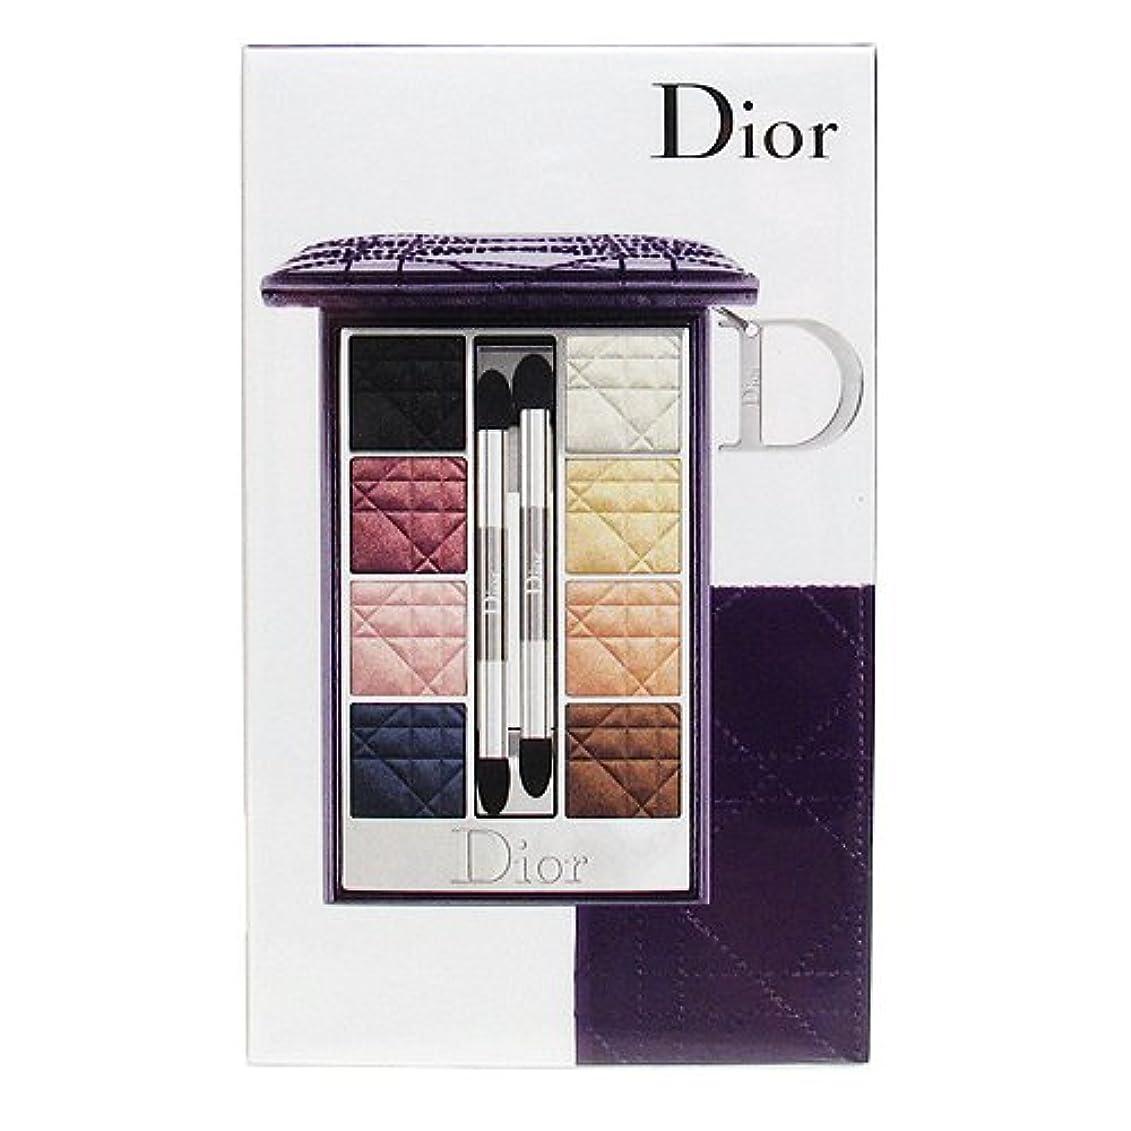 クリスチャン ディオール カナージュコレクション アイパレット Christian Dior